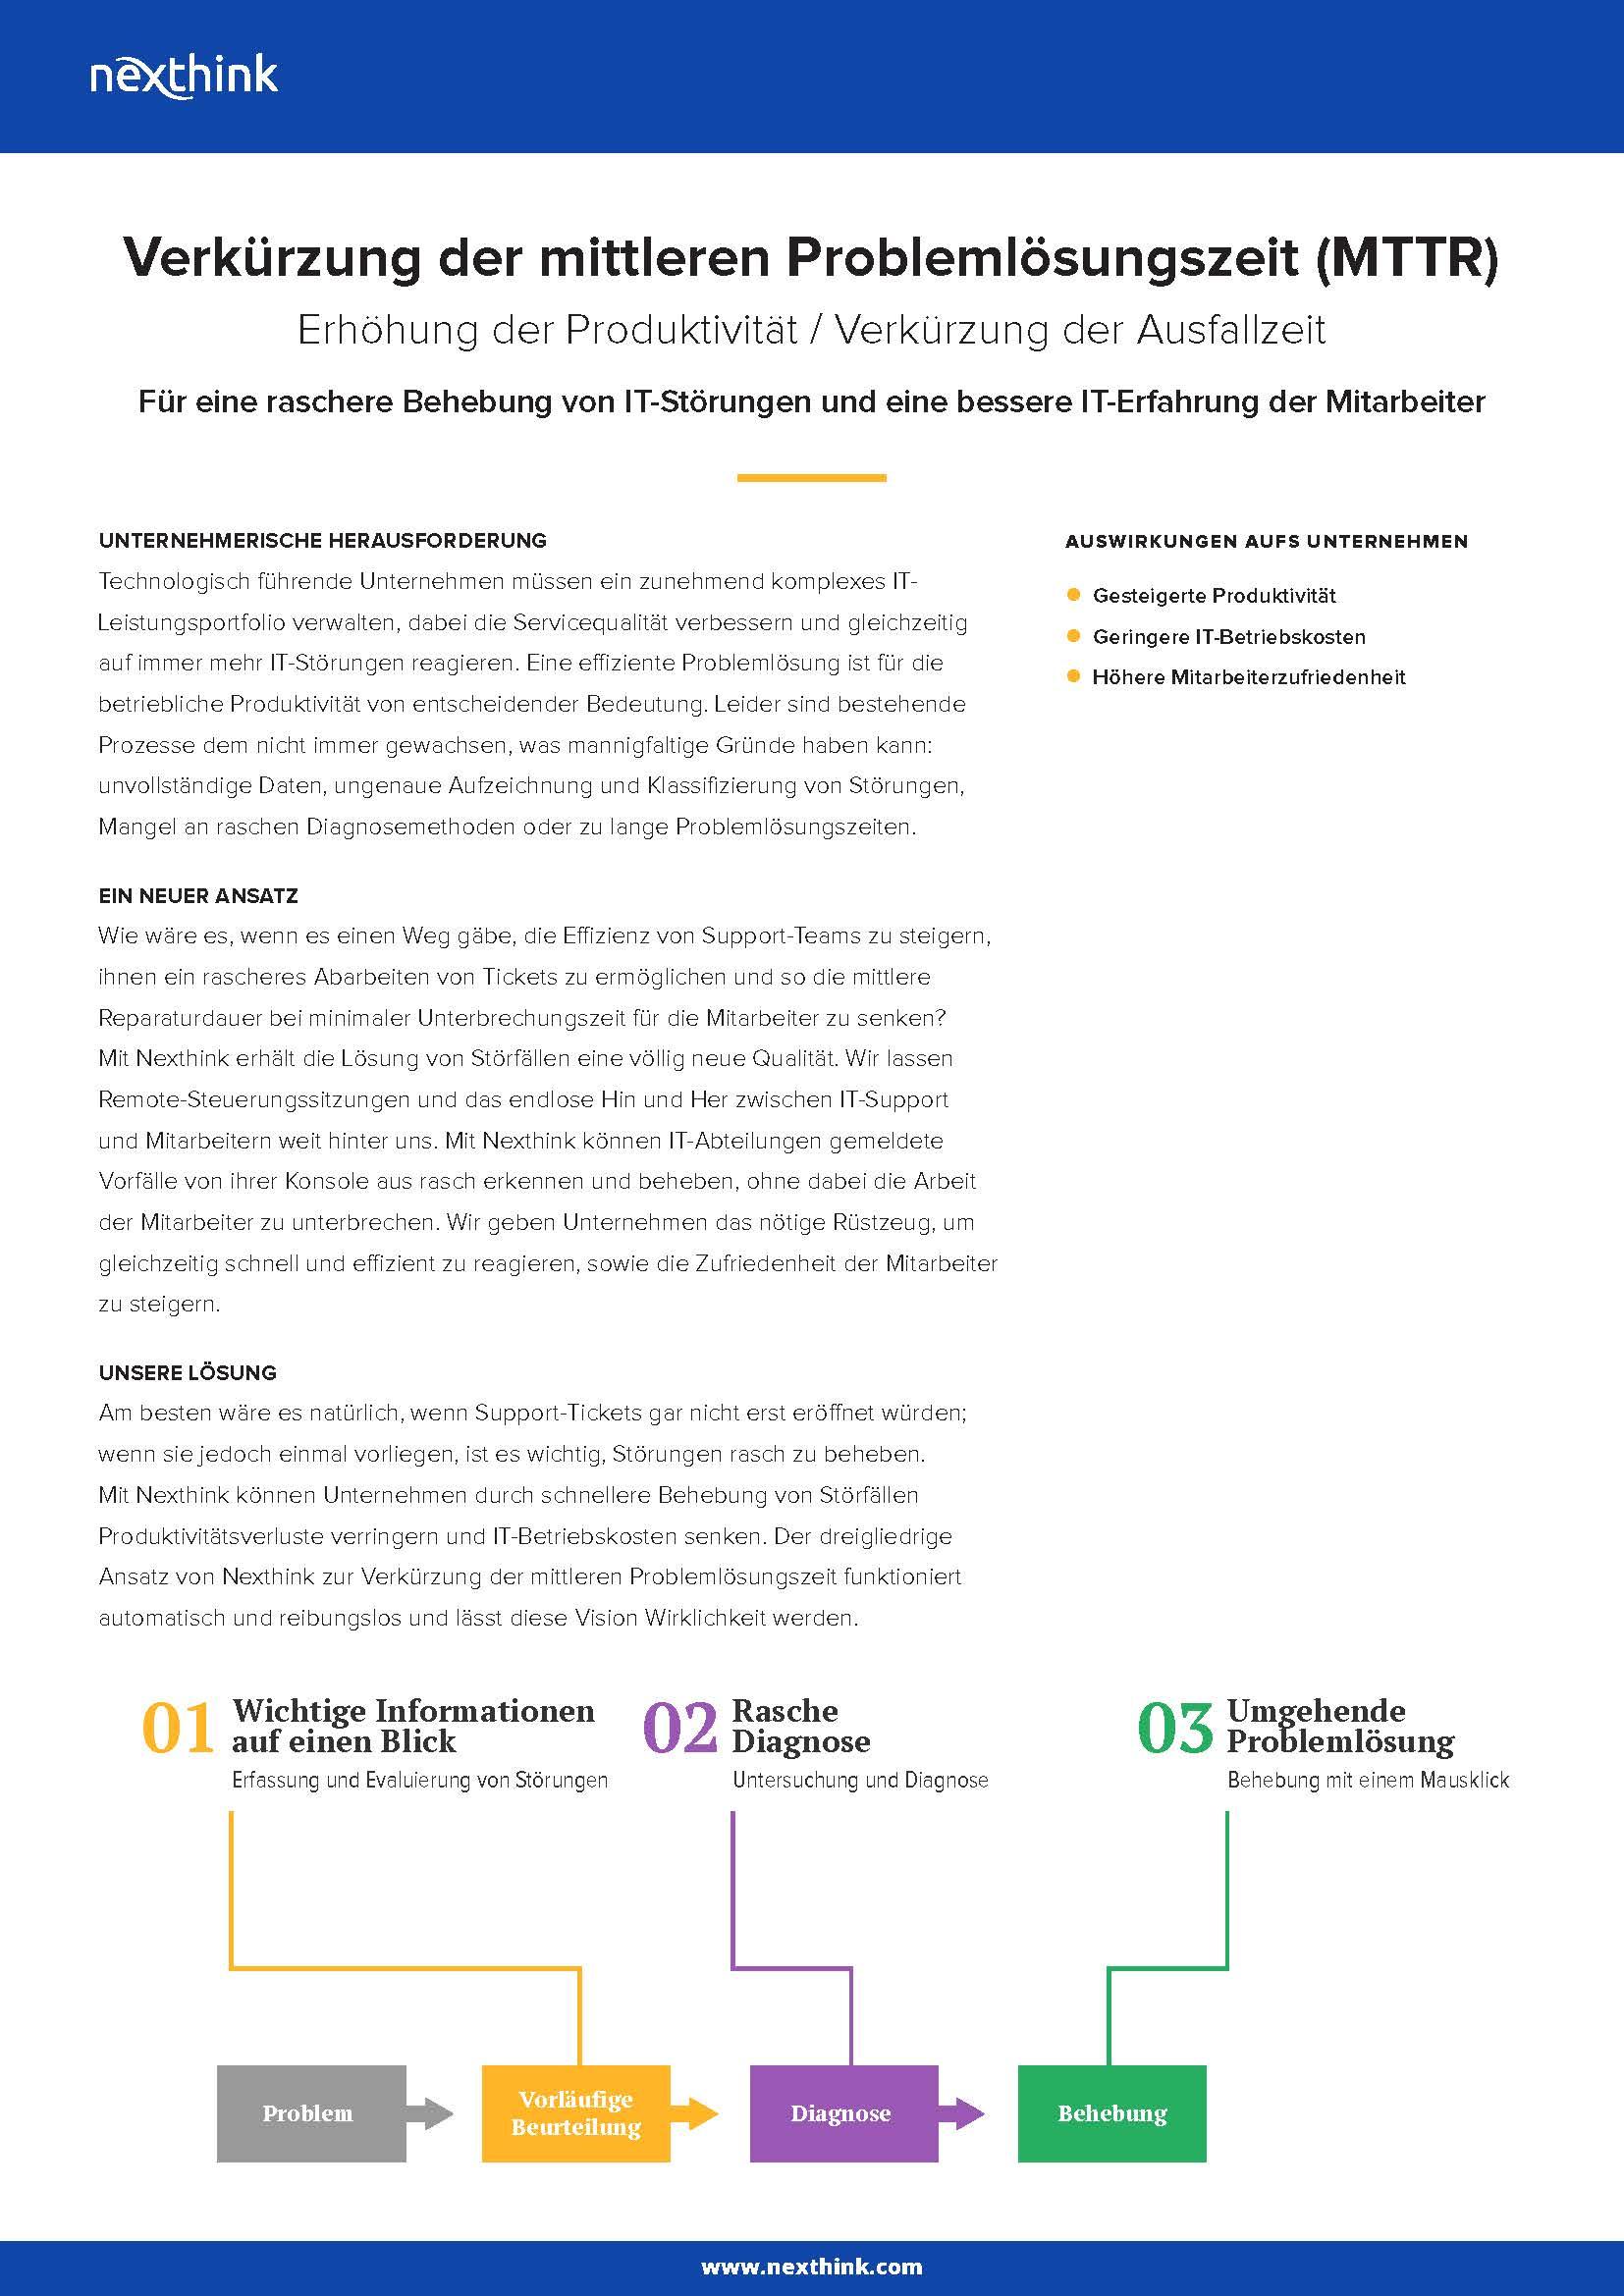 Nexthink Lösung: Verkürzung der mittleren Problemlösungszeit (MTTR)